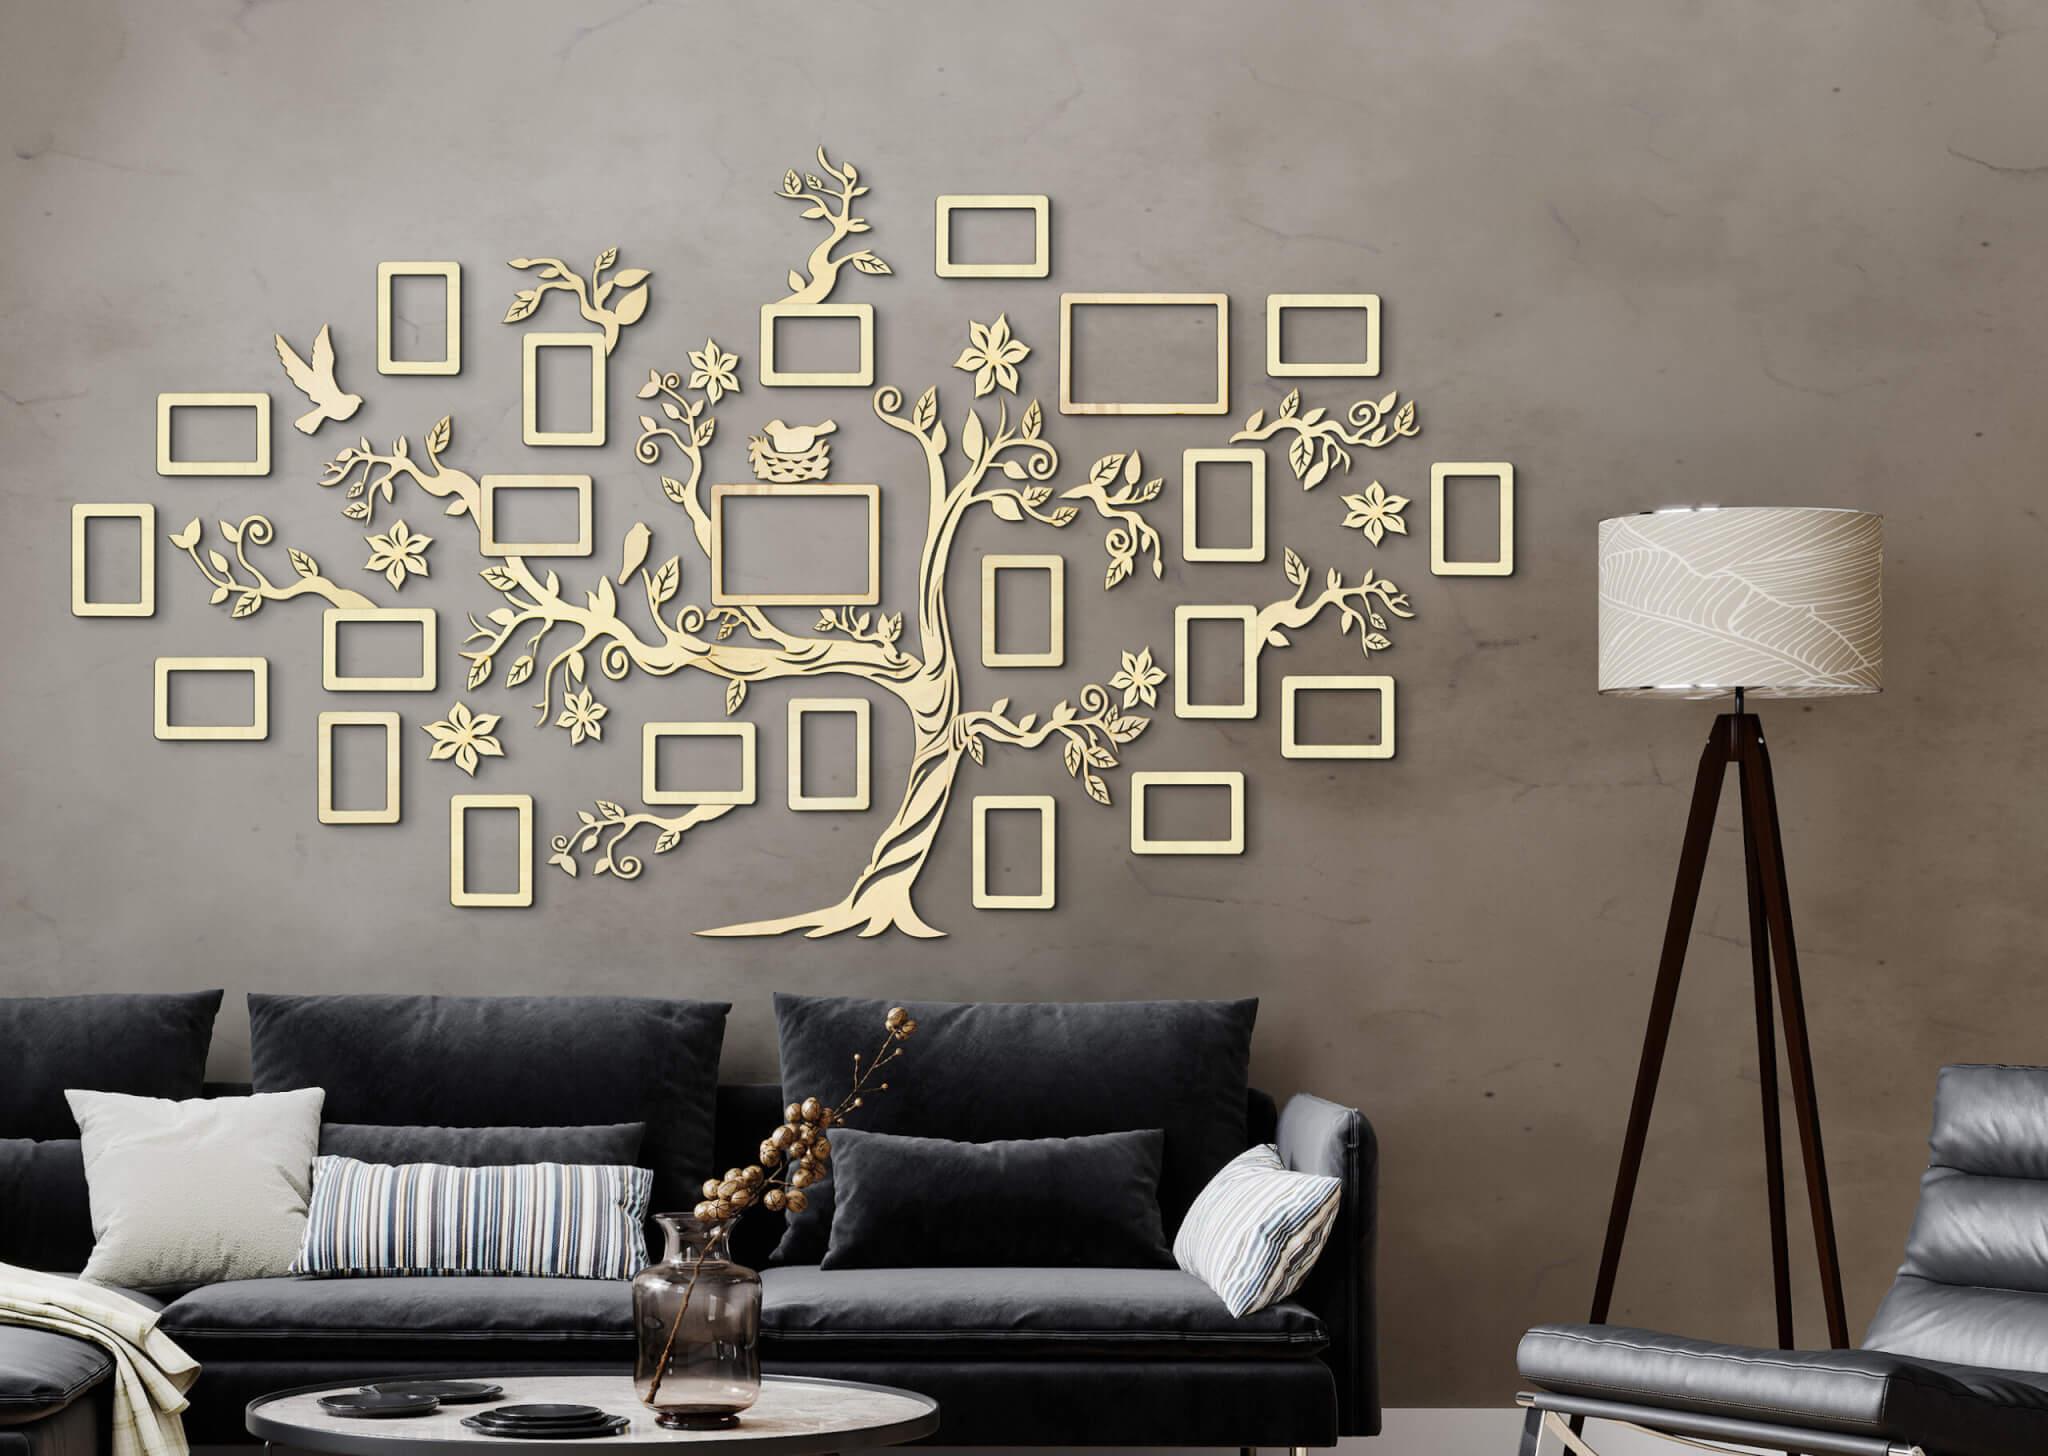 Stammbaum aus Holz - Wanddekoration